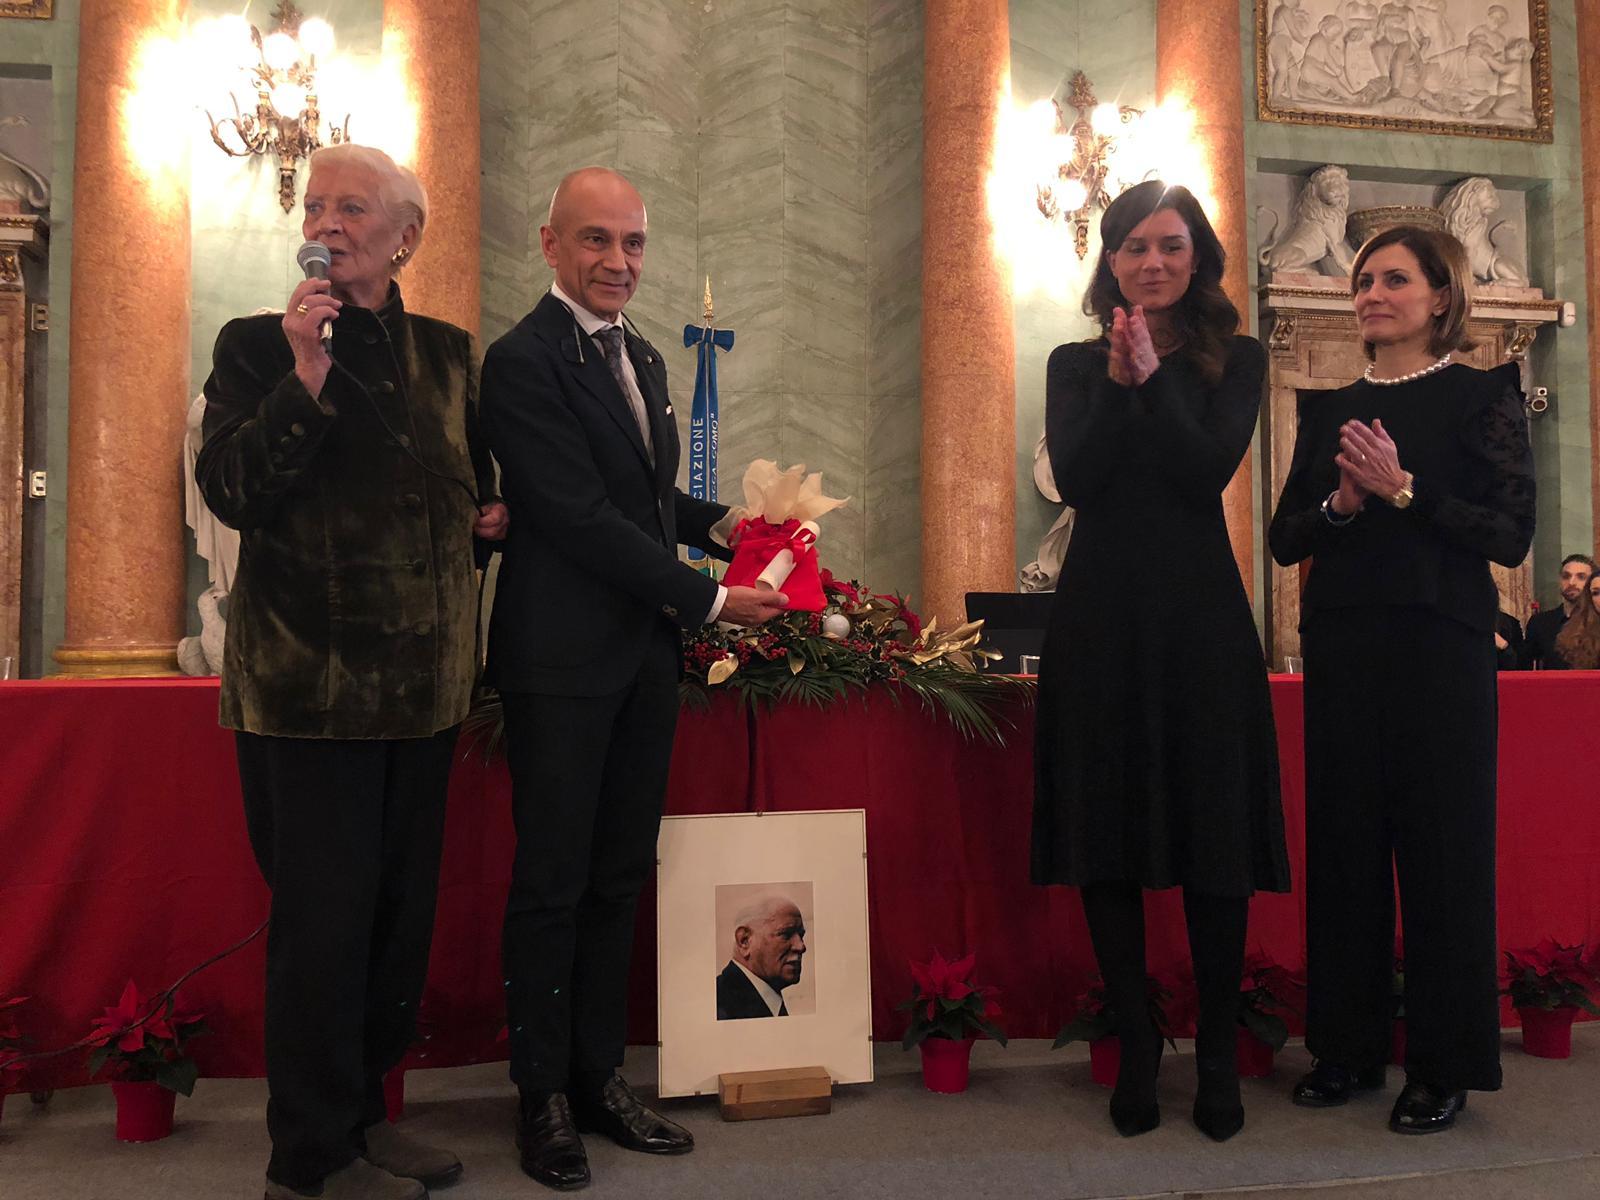 Premio Stella di Natale F. Baratelli 2018 conferito a Progetto Sorriso nel Mondo Onlus